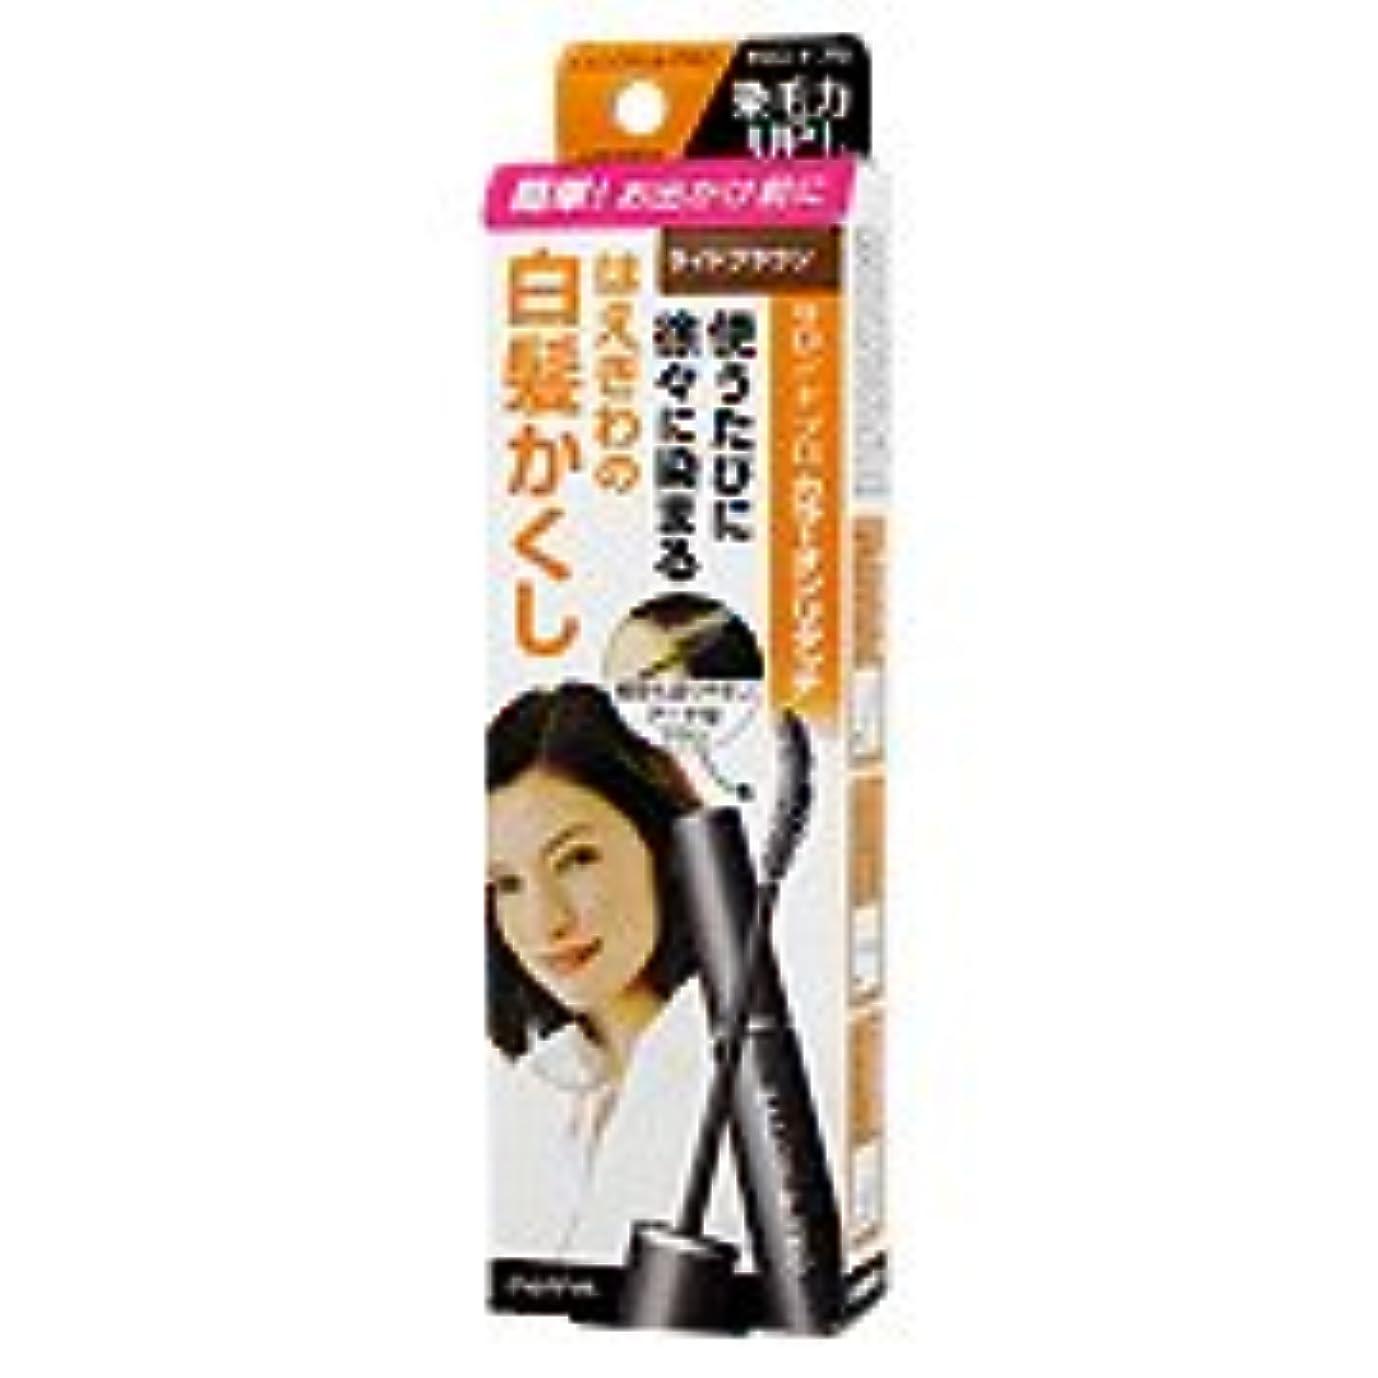 花嫁ワイド質素なダリヤ サロン ド プロ カラーオンリタッチ 白髪かくしEX ライトブラウン 15ml